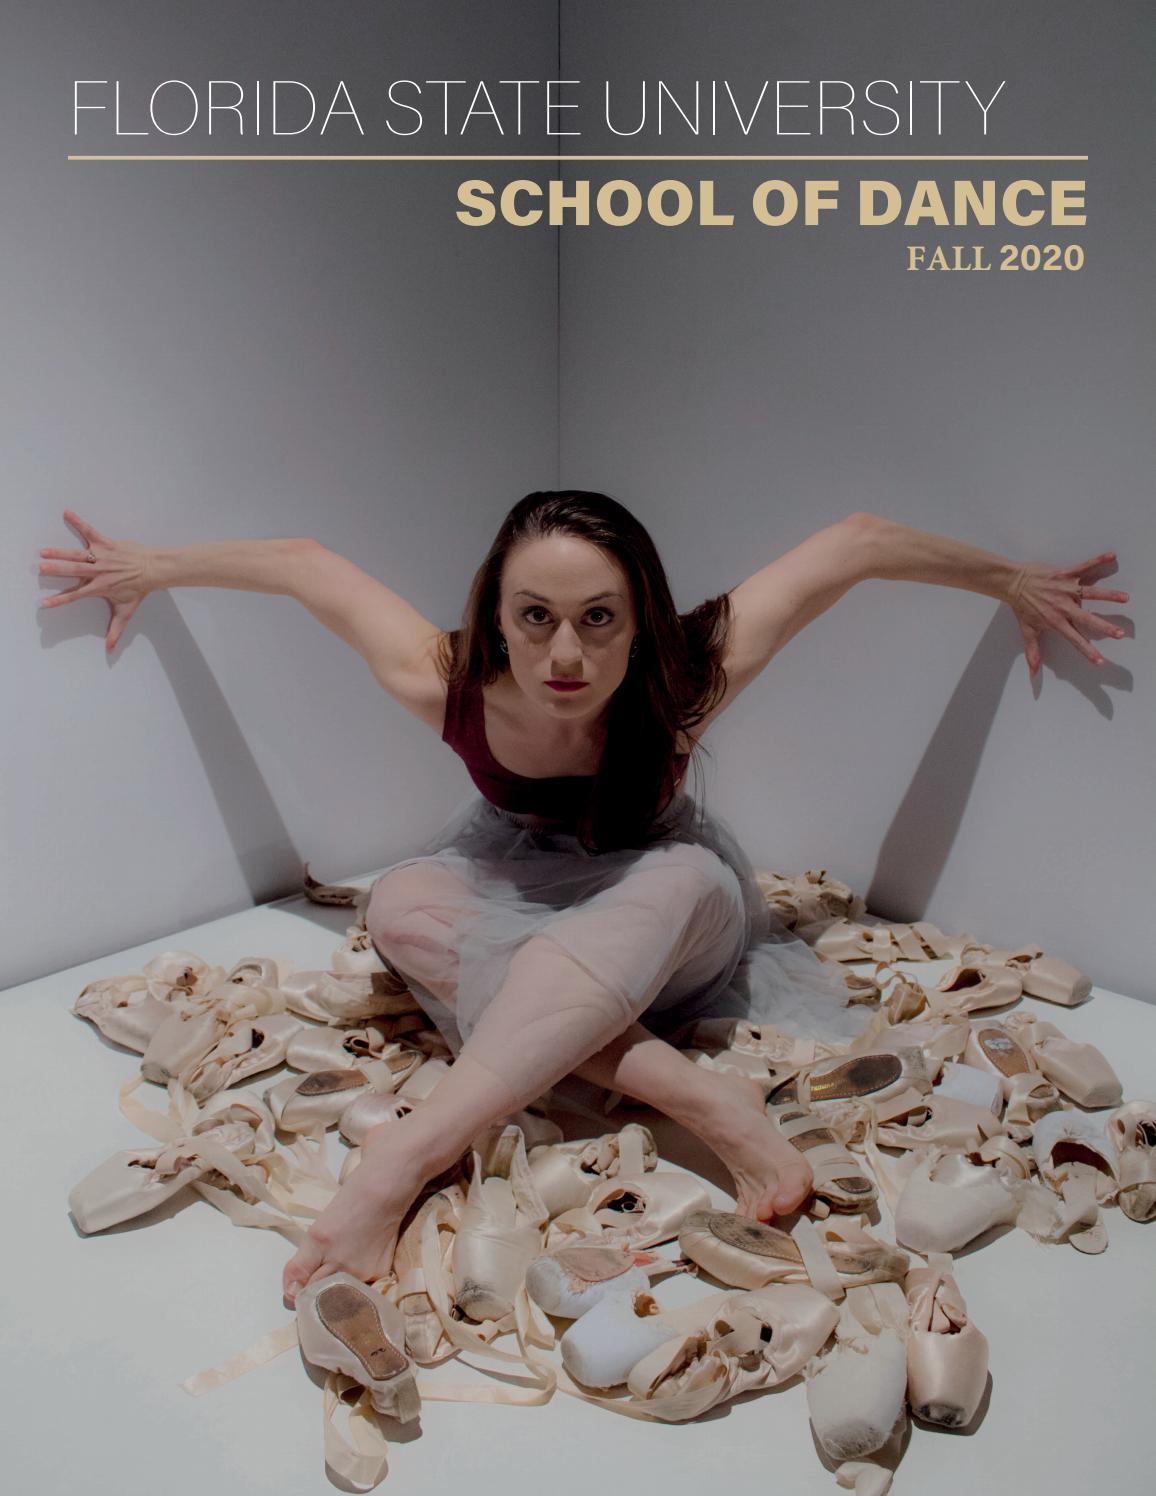 Fsu Academic Calendar Fall 2022.2020 Fsu School Of Dance Magazine By Fsu College Of Fine Arts Issuu